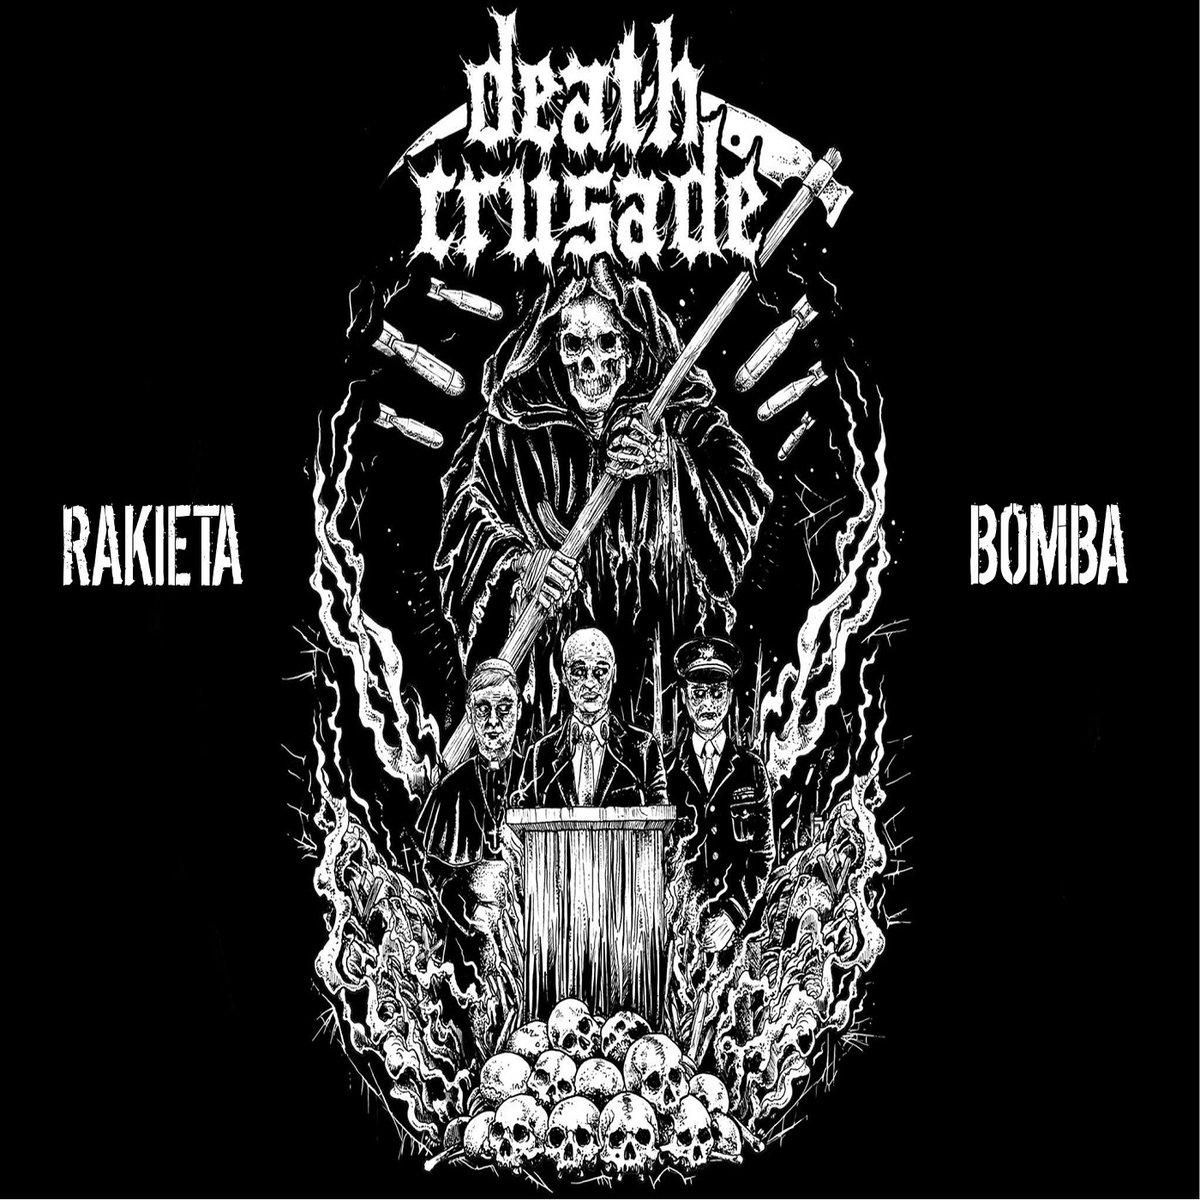 DEATH CRUSADE - Rakieta///Bomba